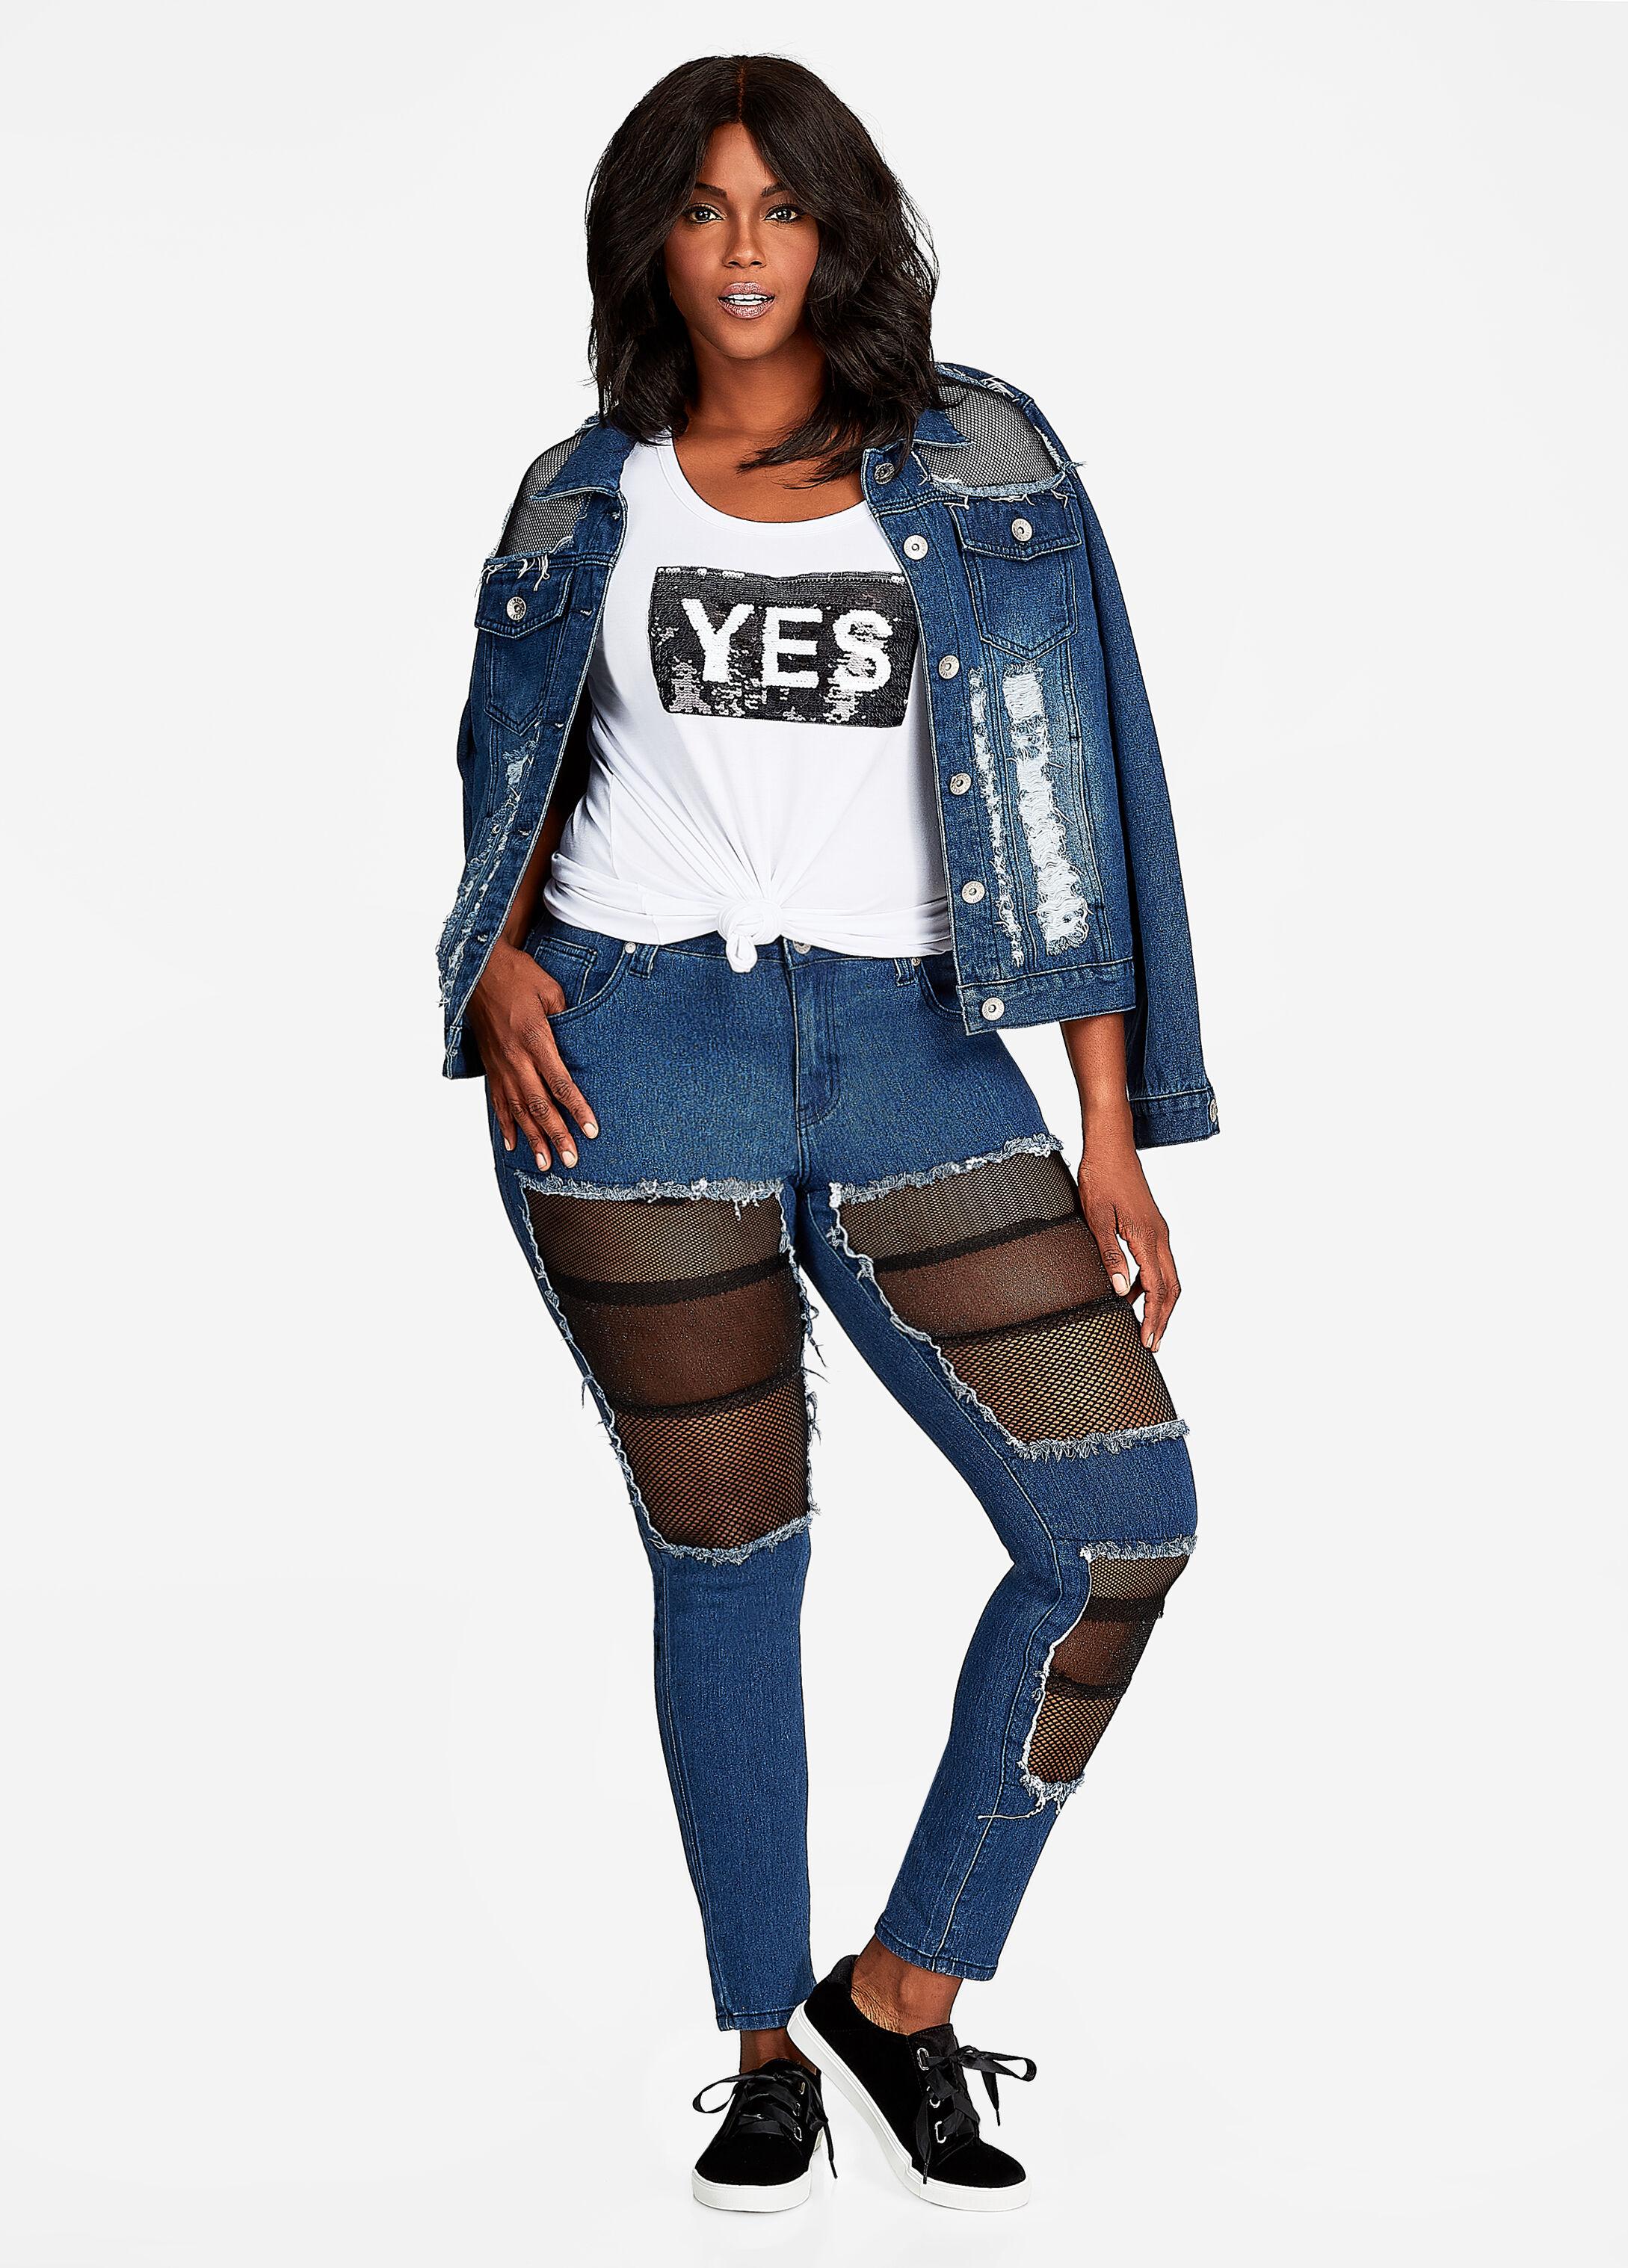 Plus Size Outfits - Mesh Inset Destructed Denim Set